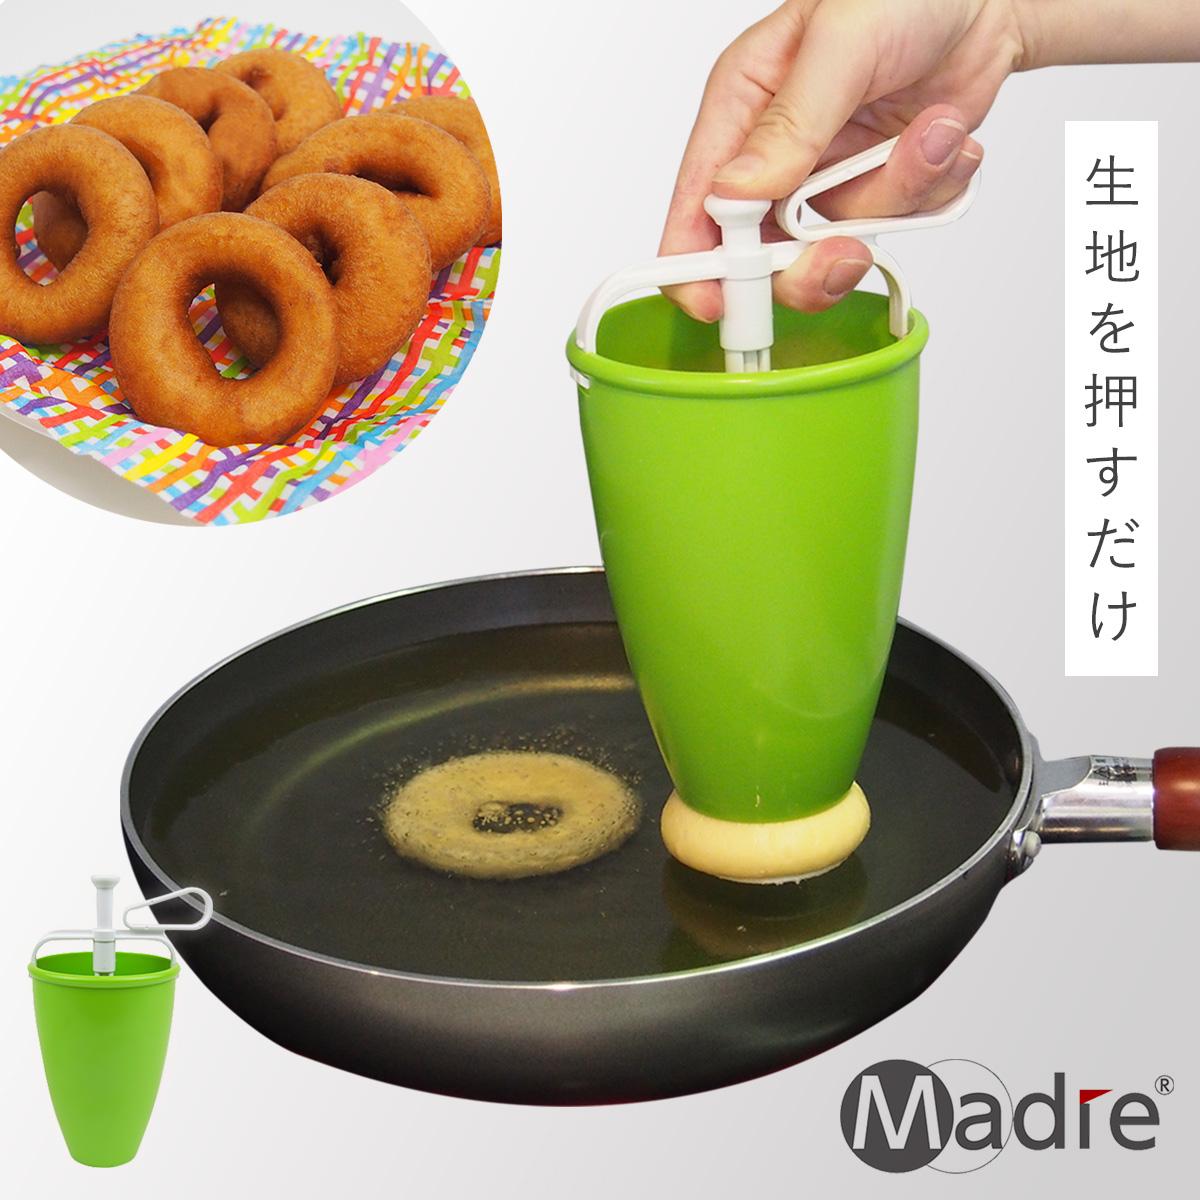 ご家庭で簡単にドーナツが作れる! ドーナツメーカー お菓子作り 道具 マドーレ ドーナツメーカー FP-310